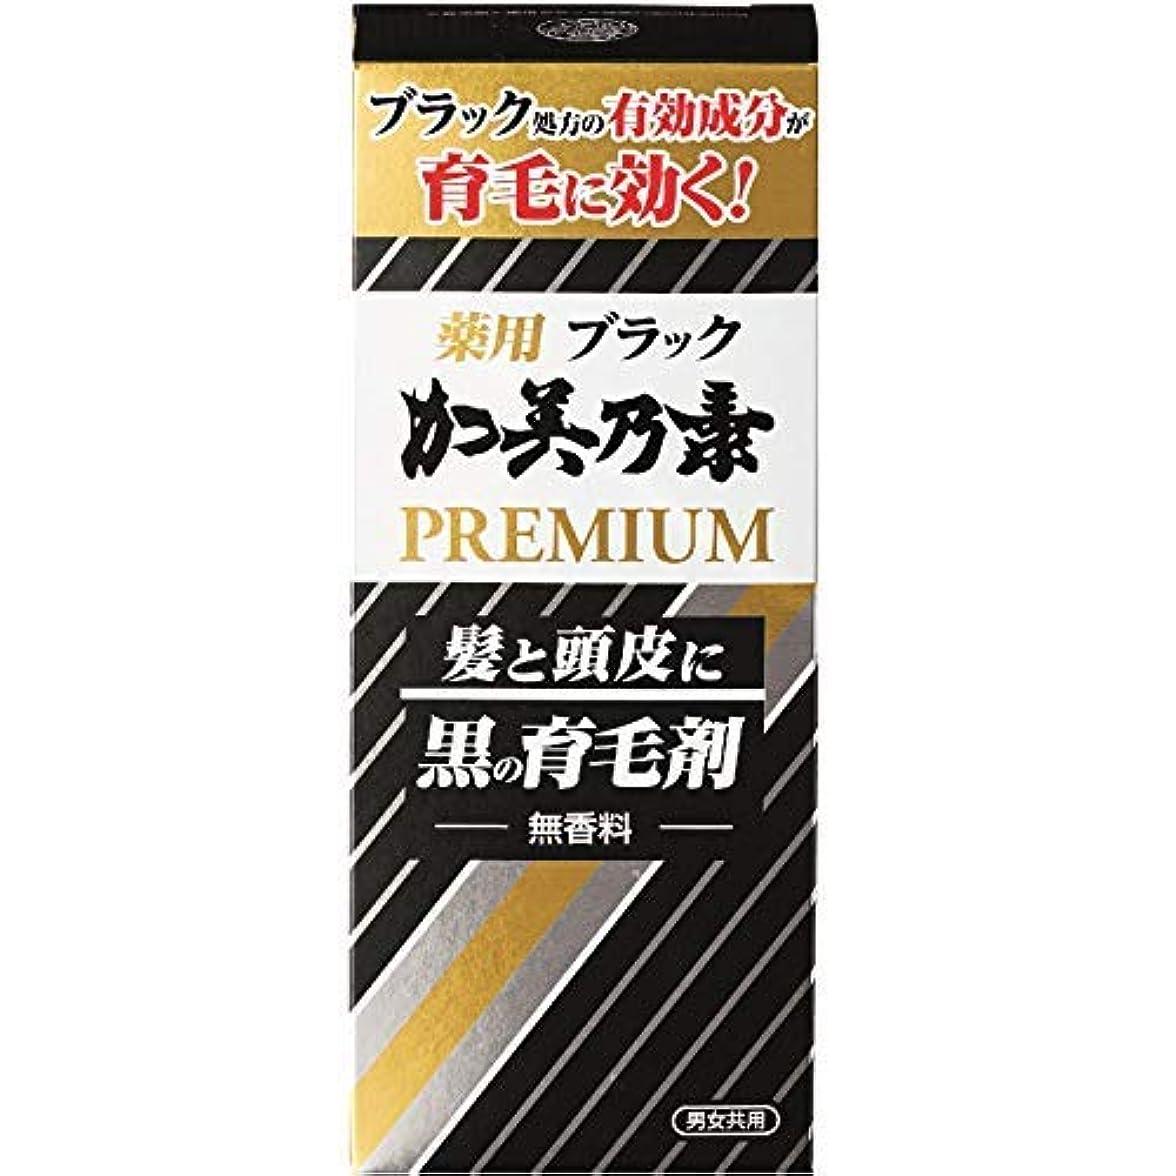 硫黄保存する普通にブラック加美乃素 プレミアム × 3個セット